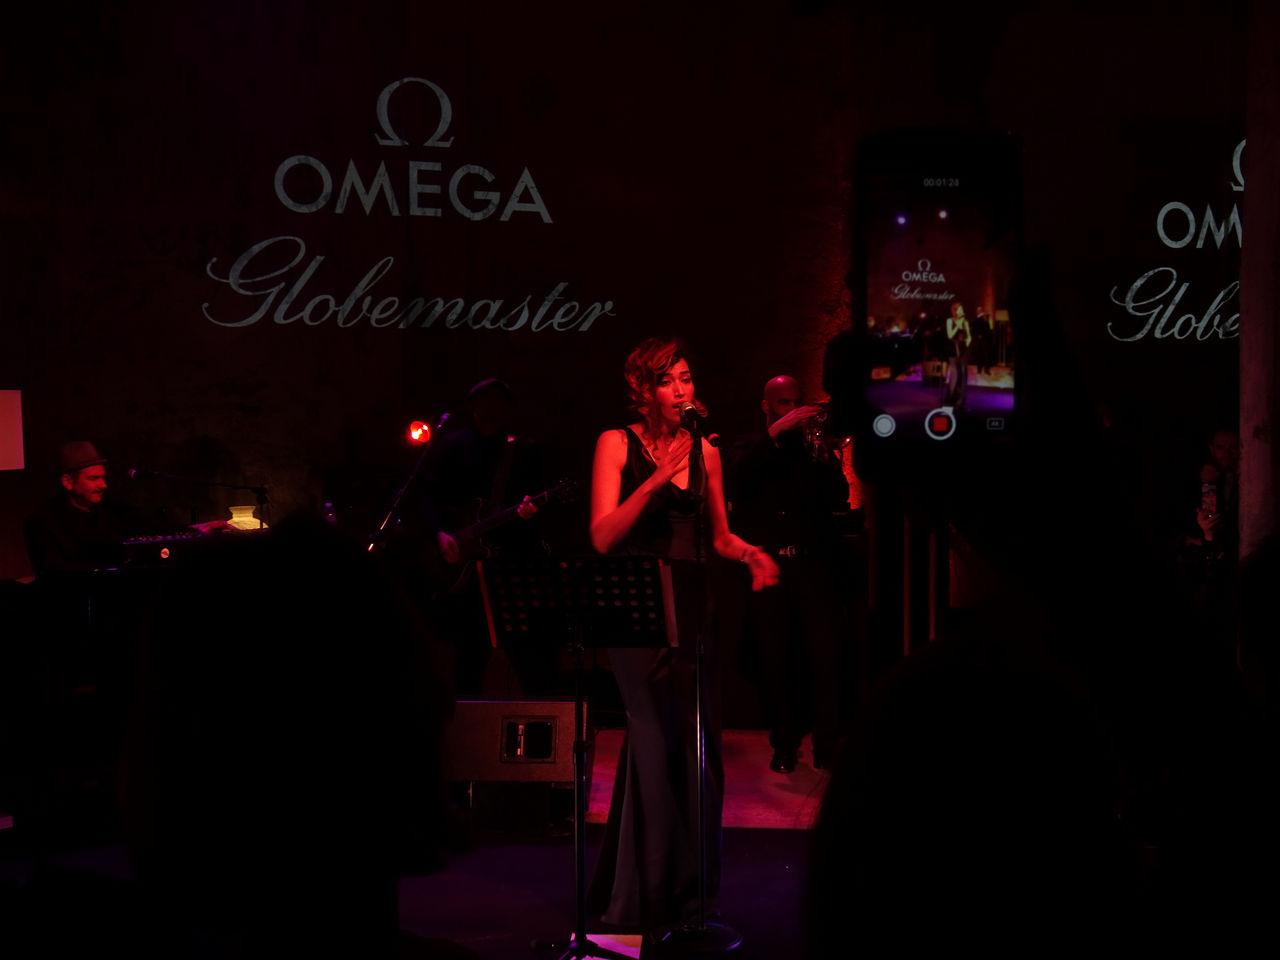 omega-presenta-la-collezione-globemaster-cracco-nina-zilli-milano-metas_0-1009